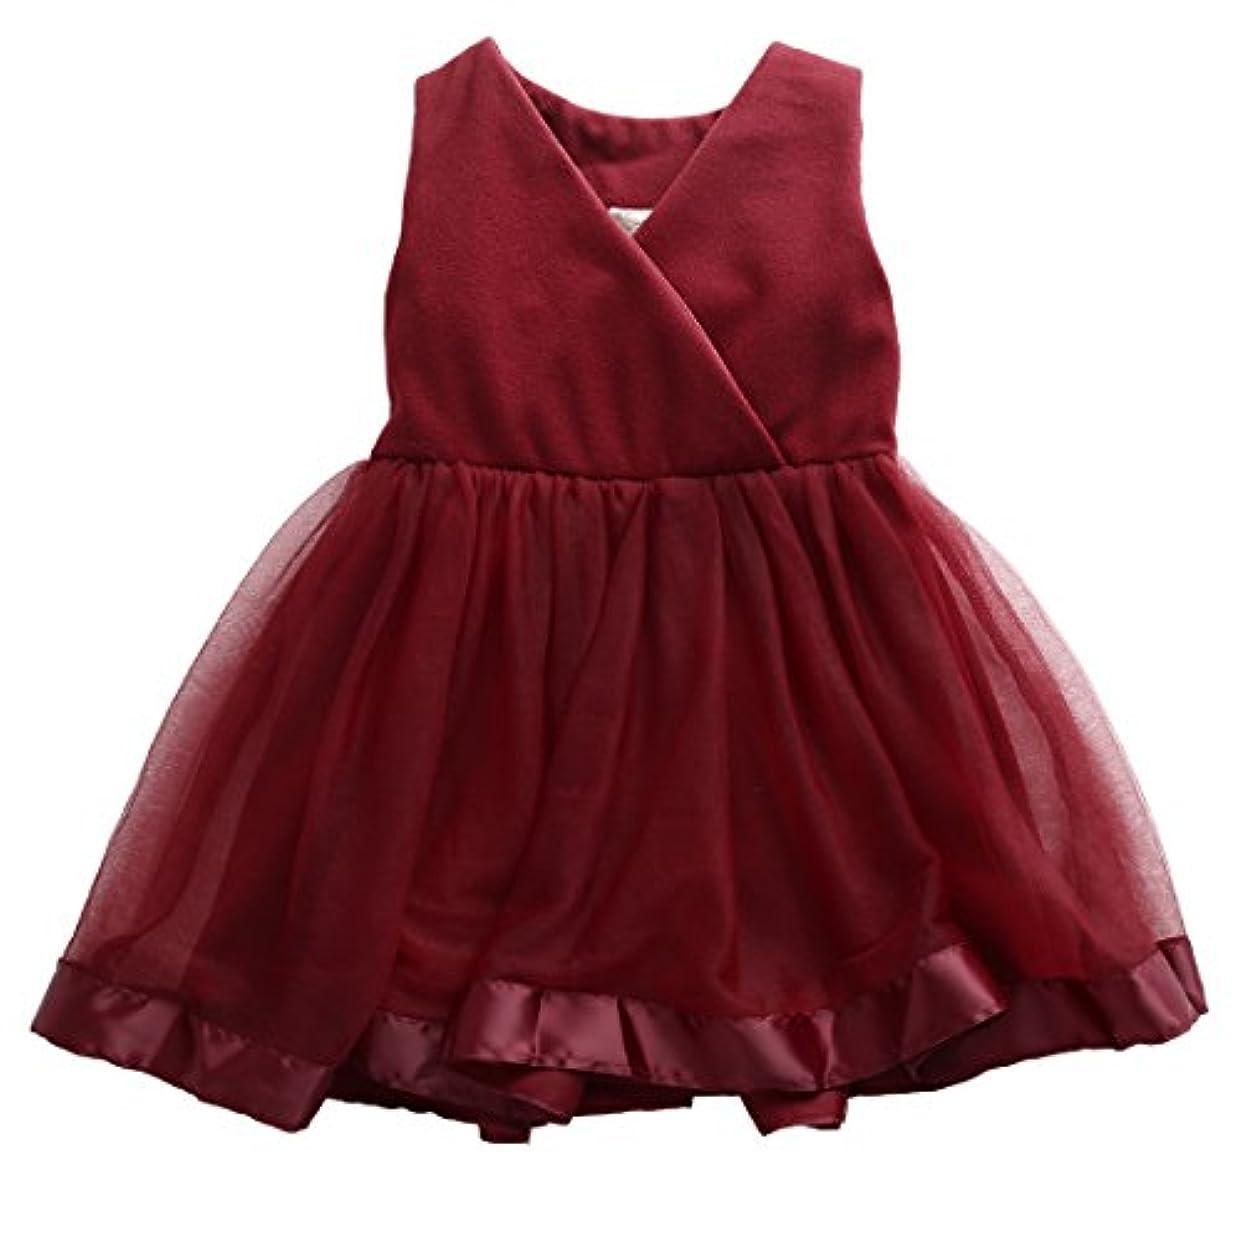 収容する言い聞かせるテザー女の赤ちゃんプリンセスチュールワンピースVネックノースリーブイブニングドレスちょう結び誕生日パーティーウェディングブライドメイドコスチューム (13#, 5-6T)